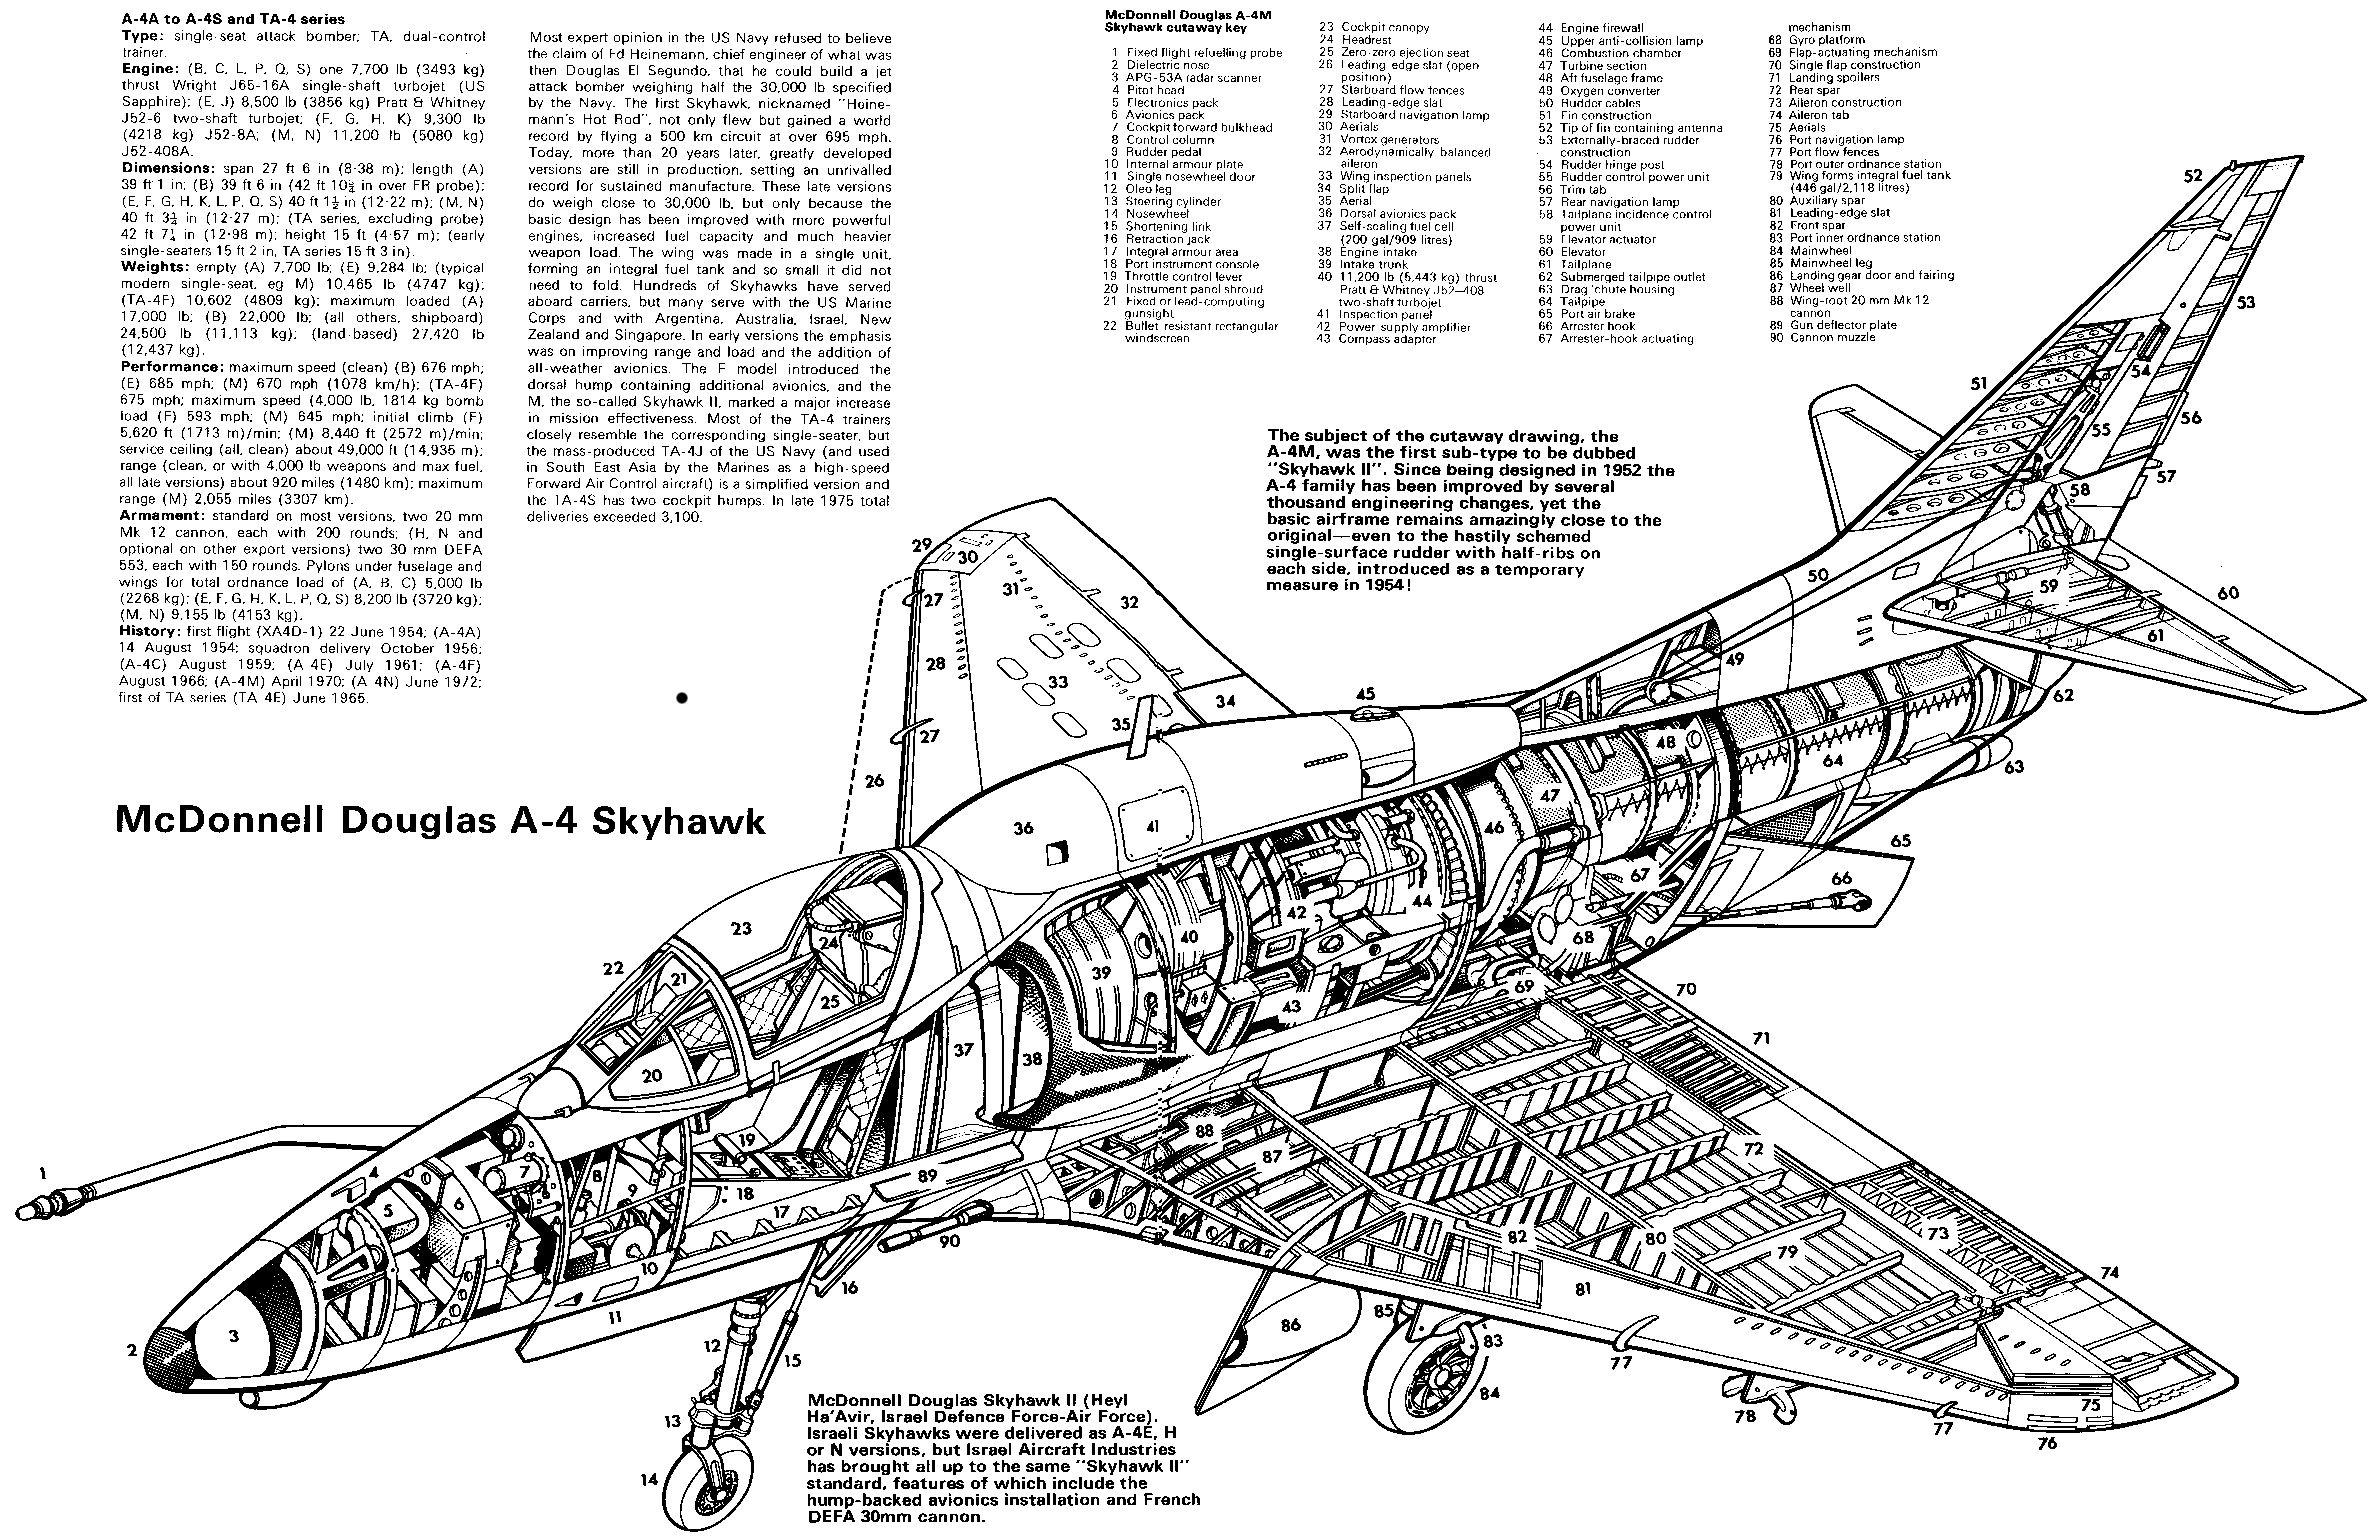 A 4 Skyhawk